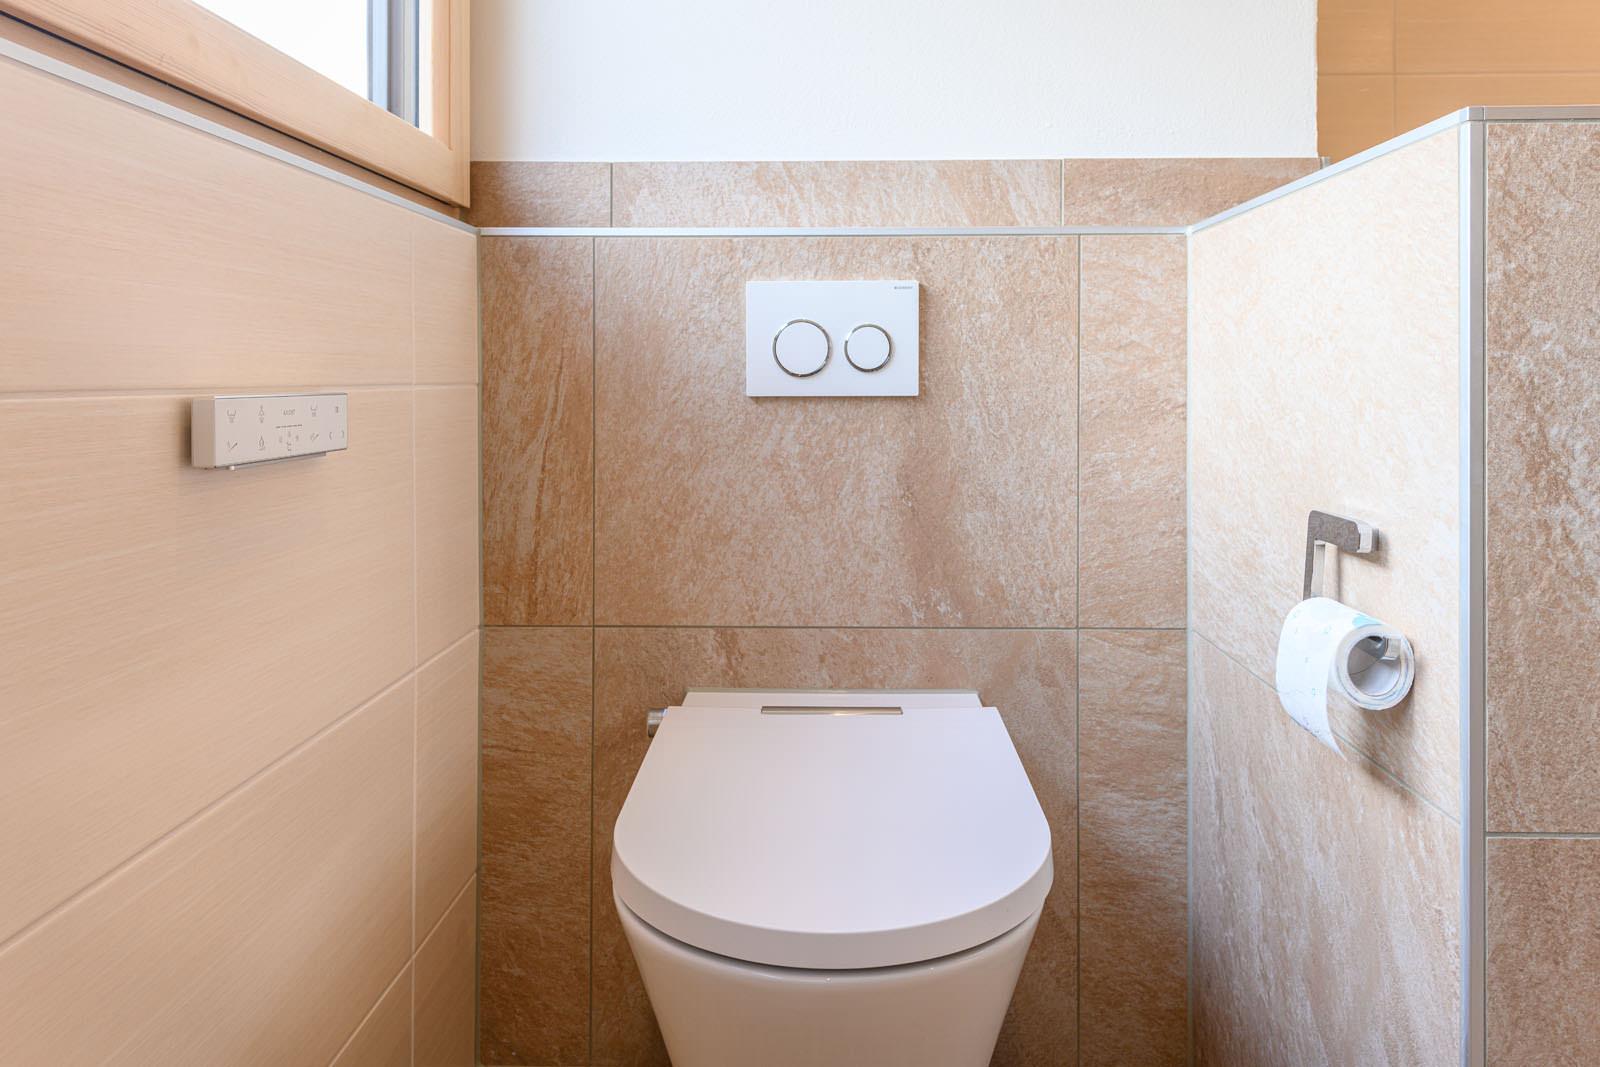 Badsanierung - Sinning Haustechnik - Ihr Fachbetrieb für schöne Bilder für Dillingen, Gundelfingen, Lauingen, Höchstädt und Umgebung. Badsanierung, Bäder, kleine Bäder, exklusive Bäder, barrierefreie Bäder, Heizsysteme, Heizkesselerneuerung, Hydraulischer Abgleich, Biomassekessel und Wärempunpe, Klima und Lüftung, Wärmerückgewinnung, Gebäudeklimatisierung und Deckenkühlungen.